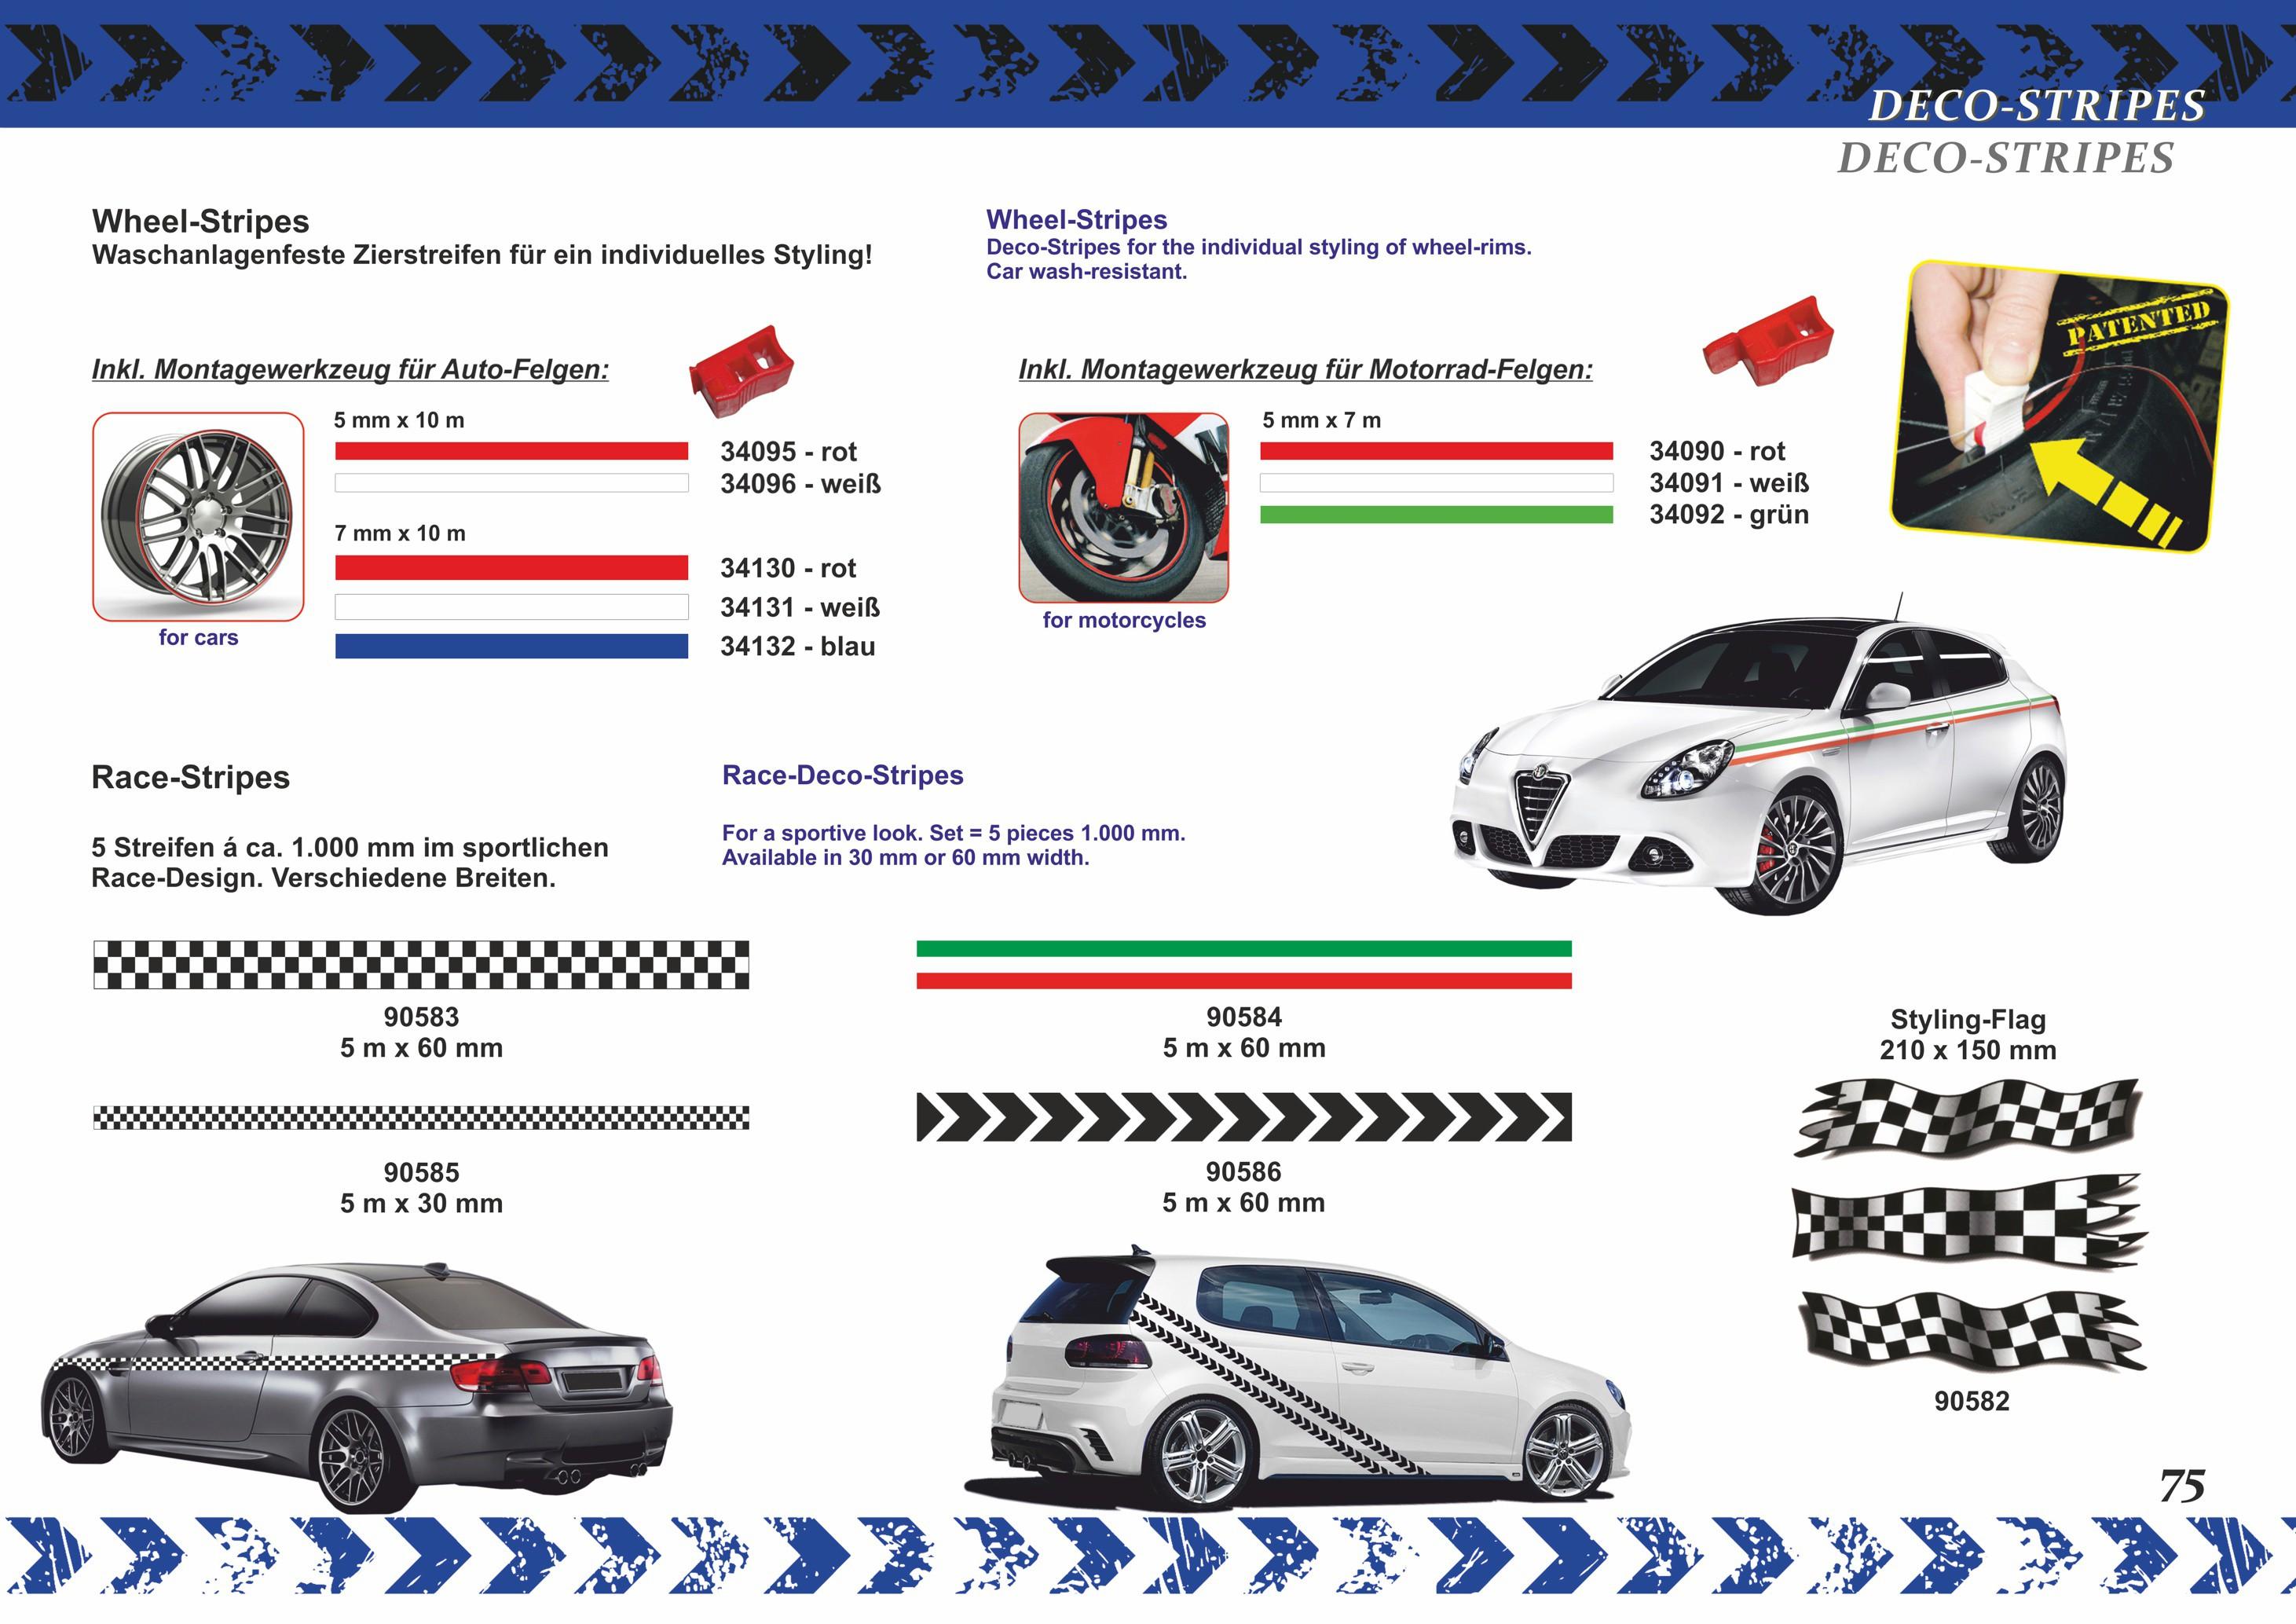 Auto Zierstreifen Deco-Stripe silber 7 mm x 10 m Tuning Styling Motorsport Motor